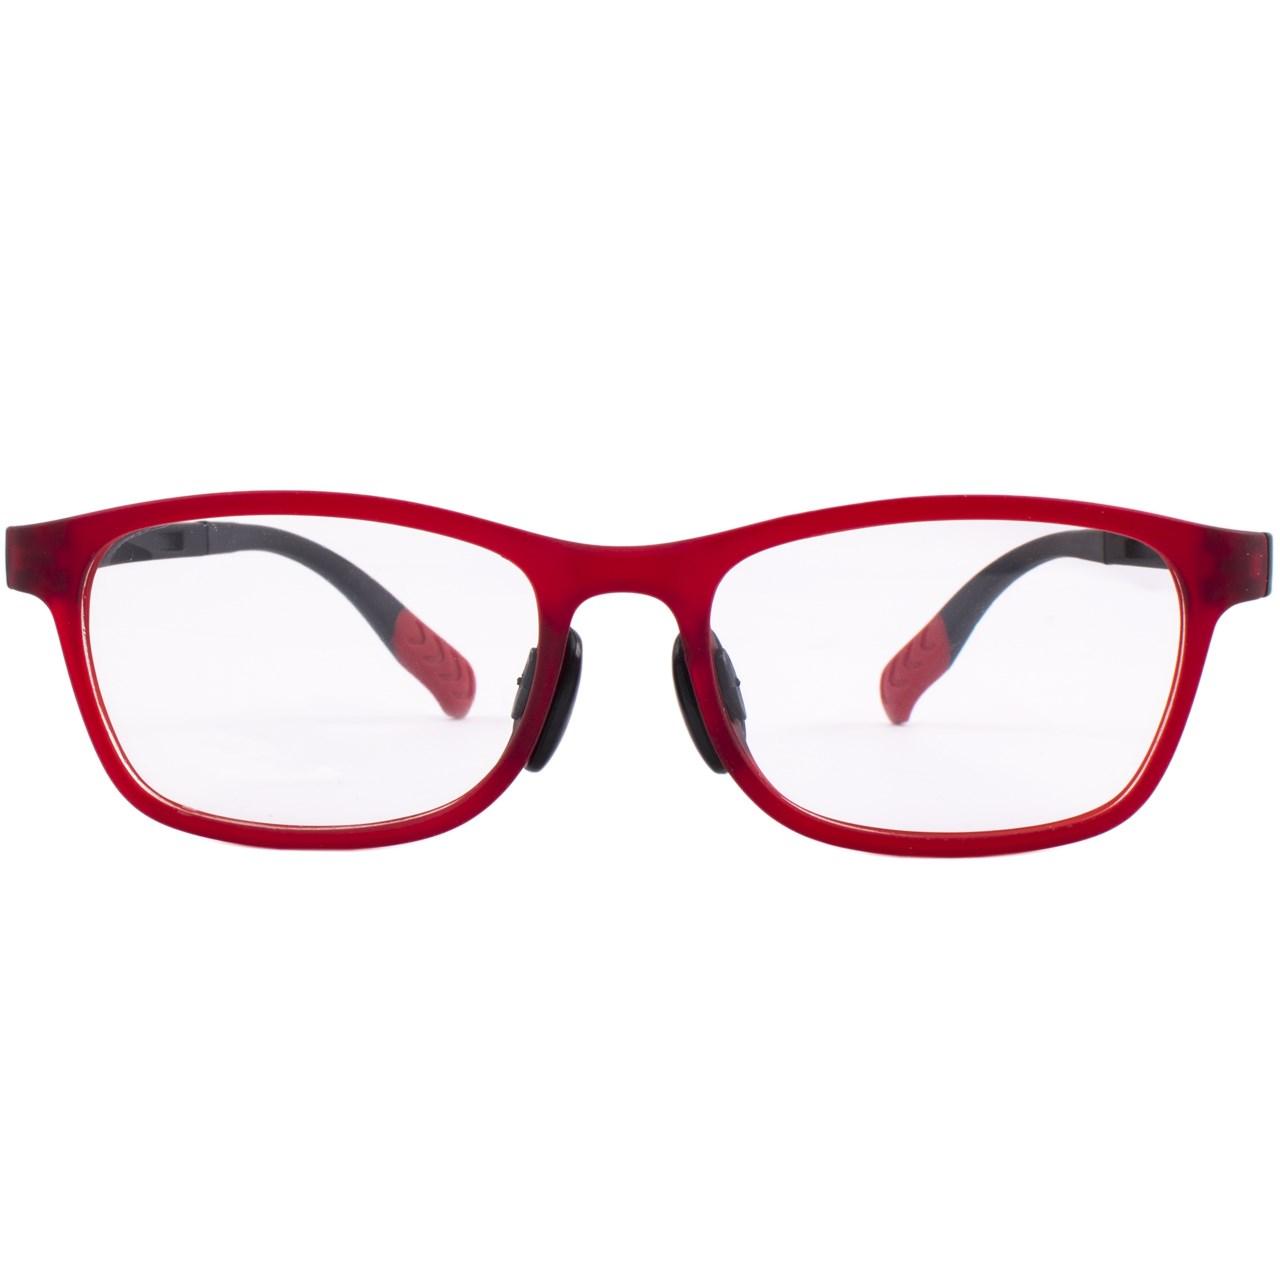 فریم عینک بچگانه واته مدل 2105C7